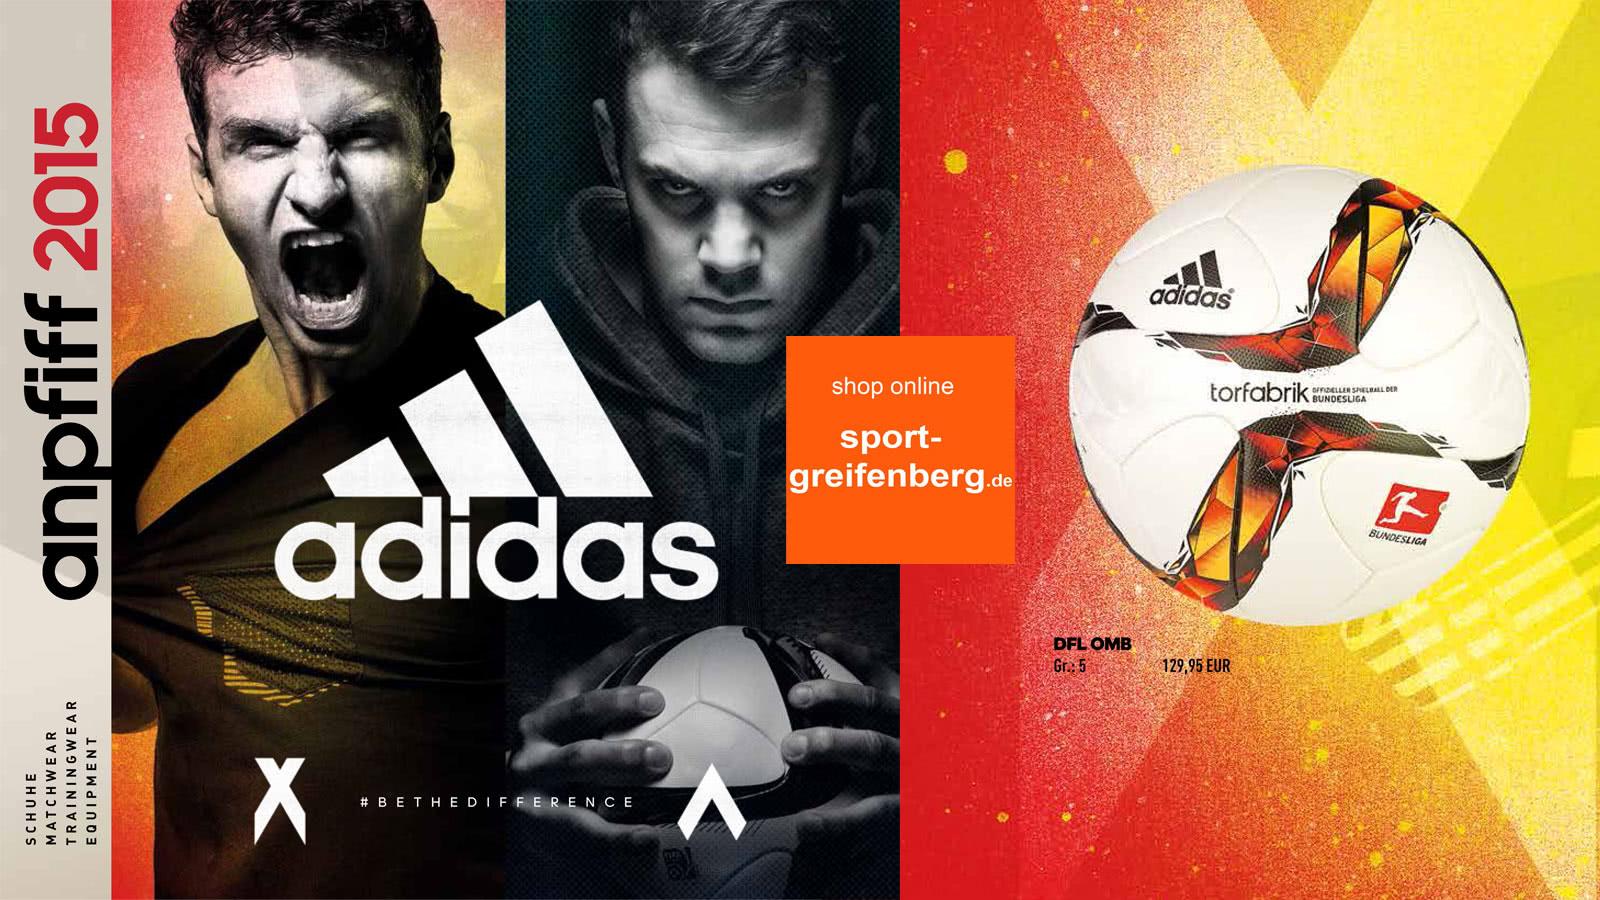 Adidas Anpfiff 2015 2016 Flyer Angebote Pdf Sportartikel Und